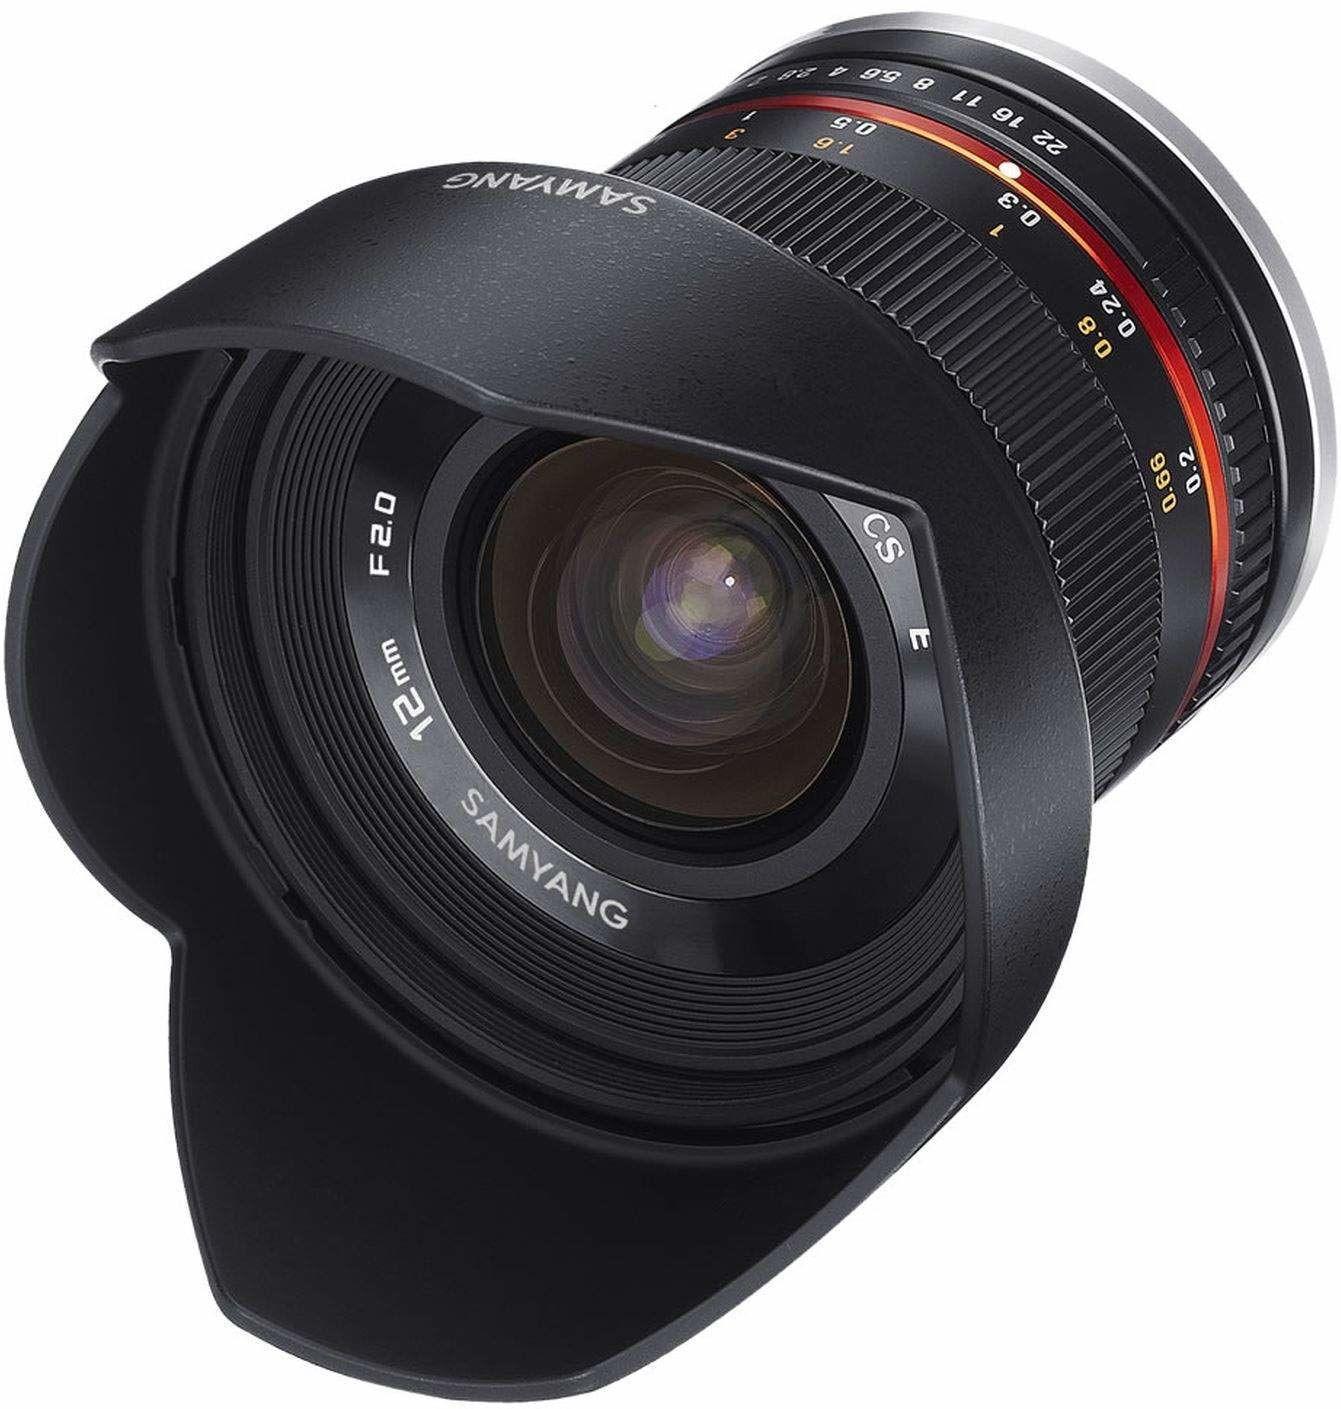 Samyang 12 mm F2.0 APS-C Canon M czarny - APS-C szerokokątny obiektyw zmiennoogniskowy do Canon M, ręczna regulacja ostrości, do aparatu EOS M6 Mark II, EOS M50, EOS M200, EOS M100, EOS M10, EOS M6 II